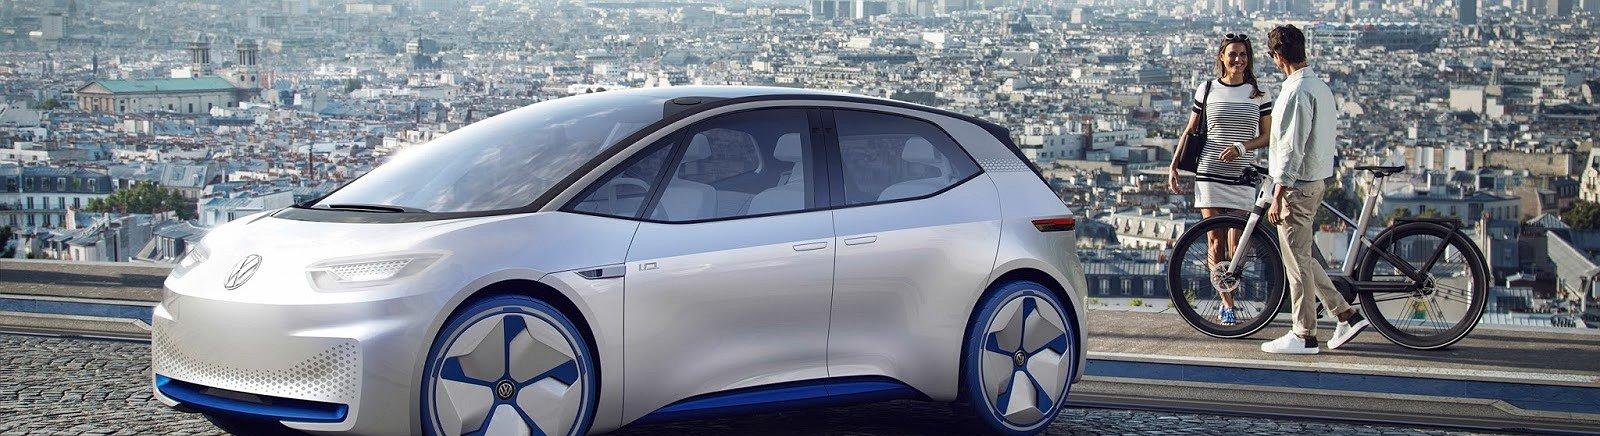 Os carros elétricos são o futuro